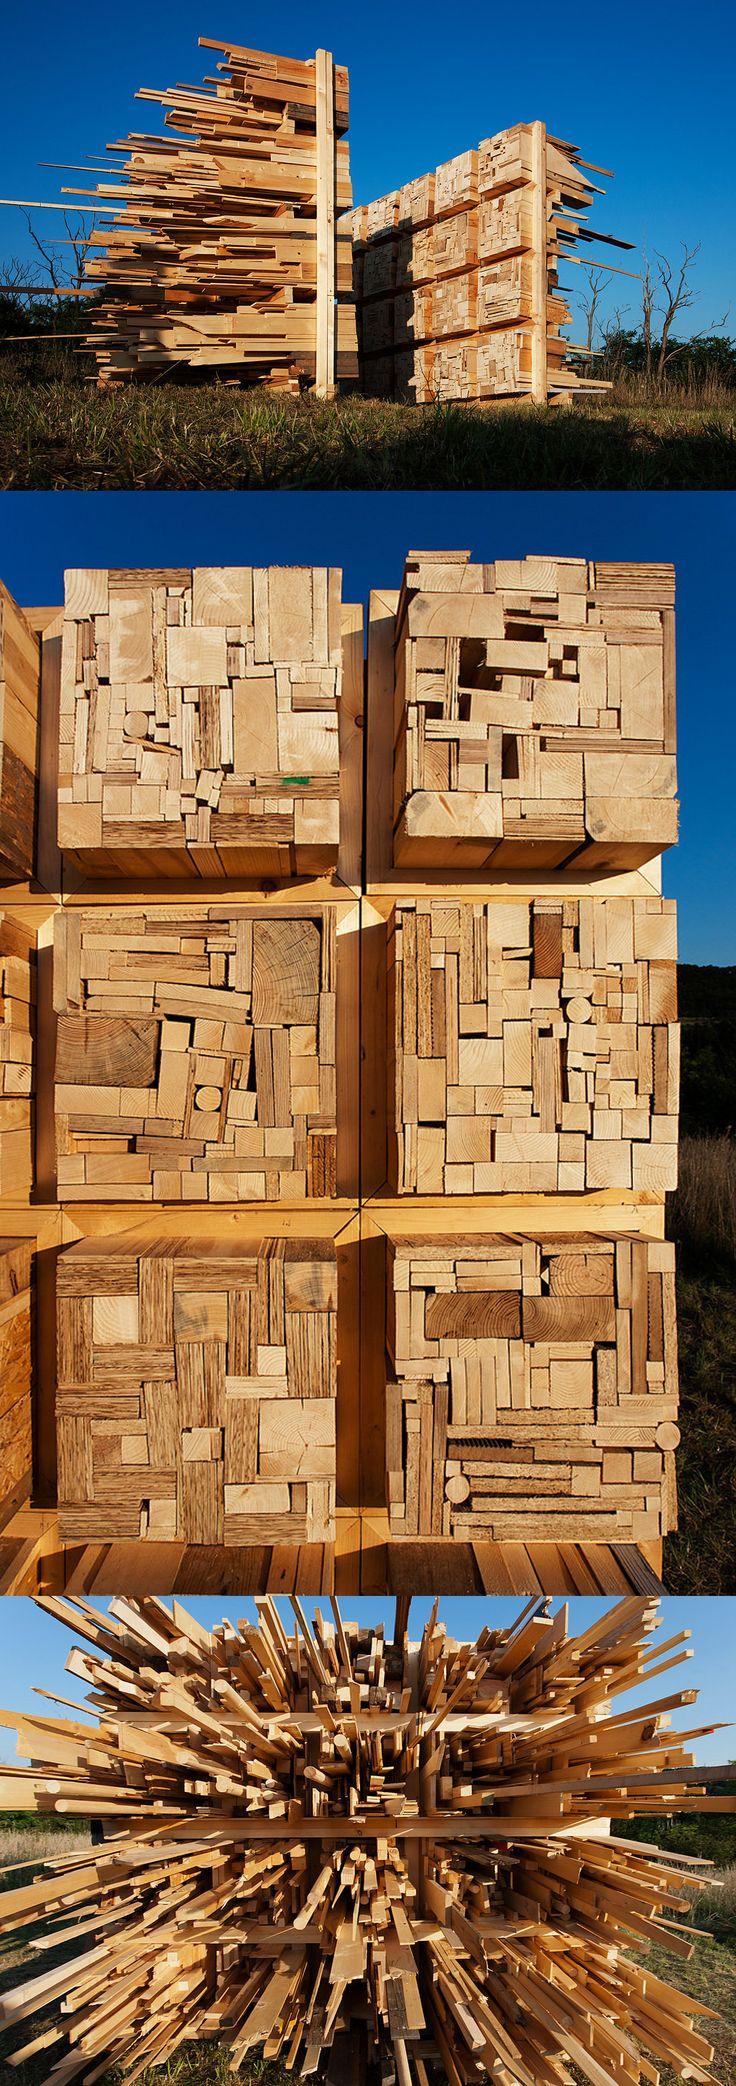 """Annual student """"woodworks"""" in Hungary - Certamen anual de construcciones de madera por parte de alumnos, en Hungría  //  Hello Wood 2014 Invites Student Teams to 'Play With Balance'"""